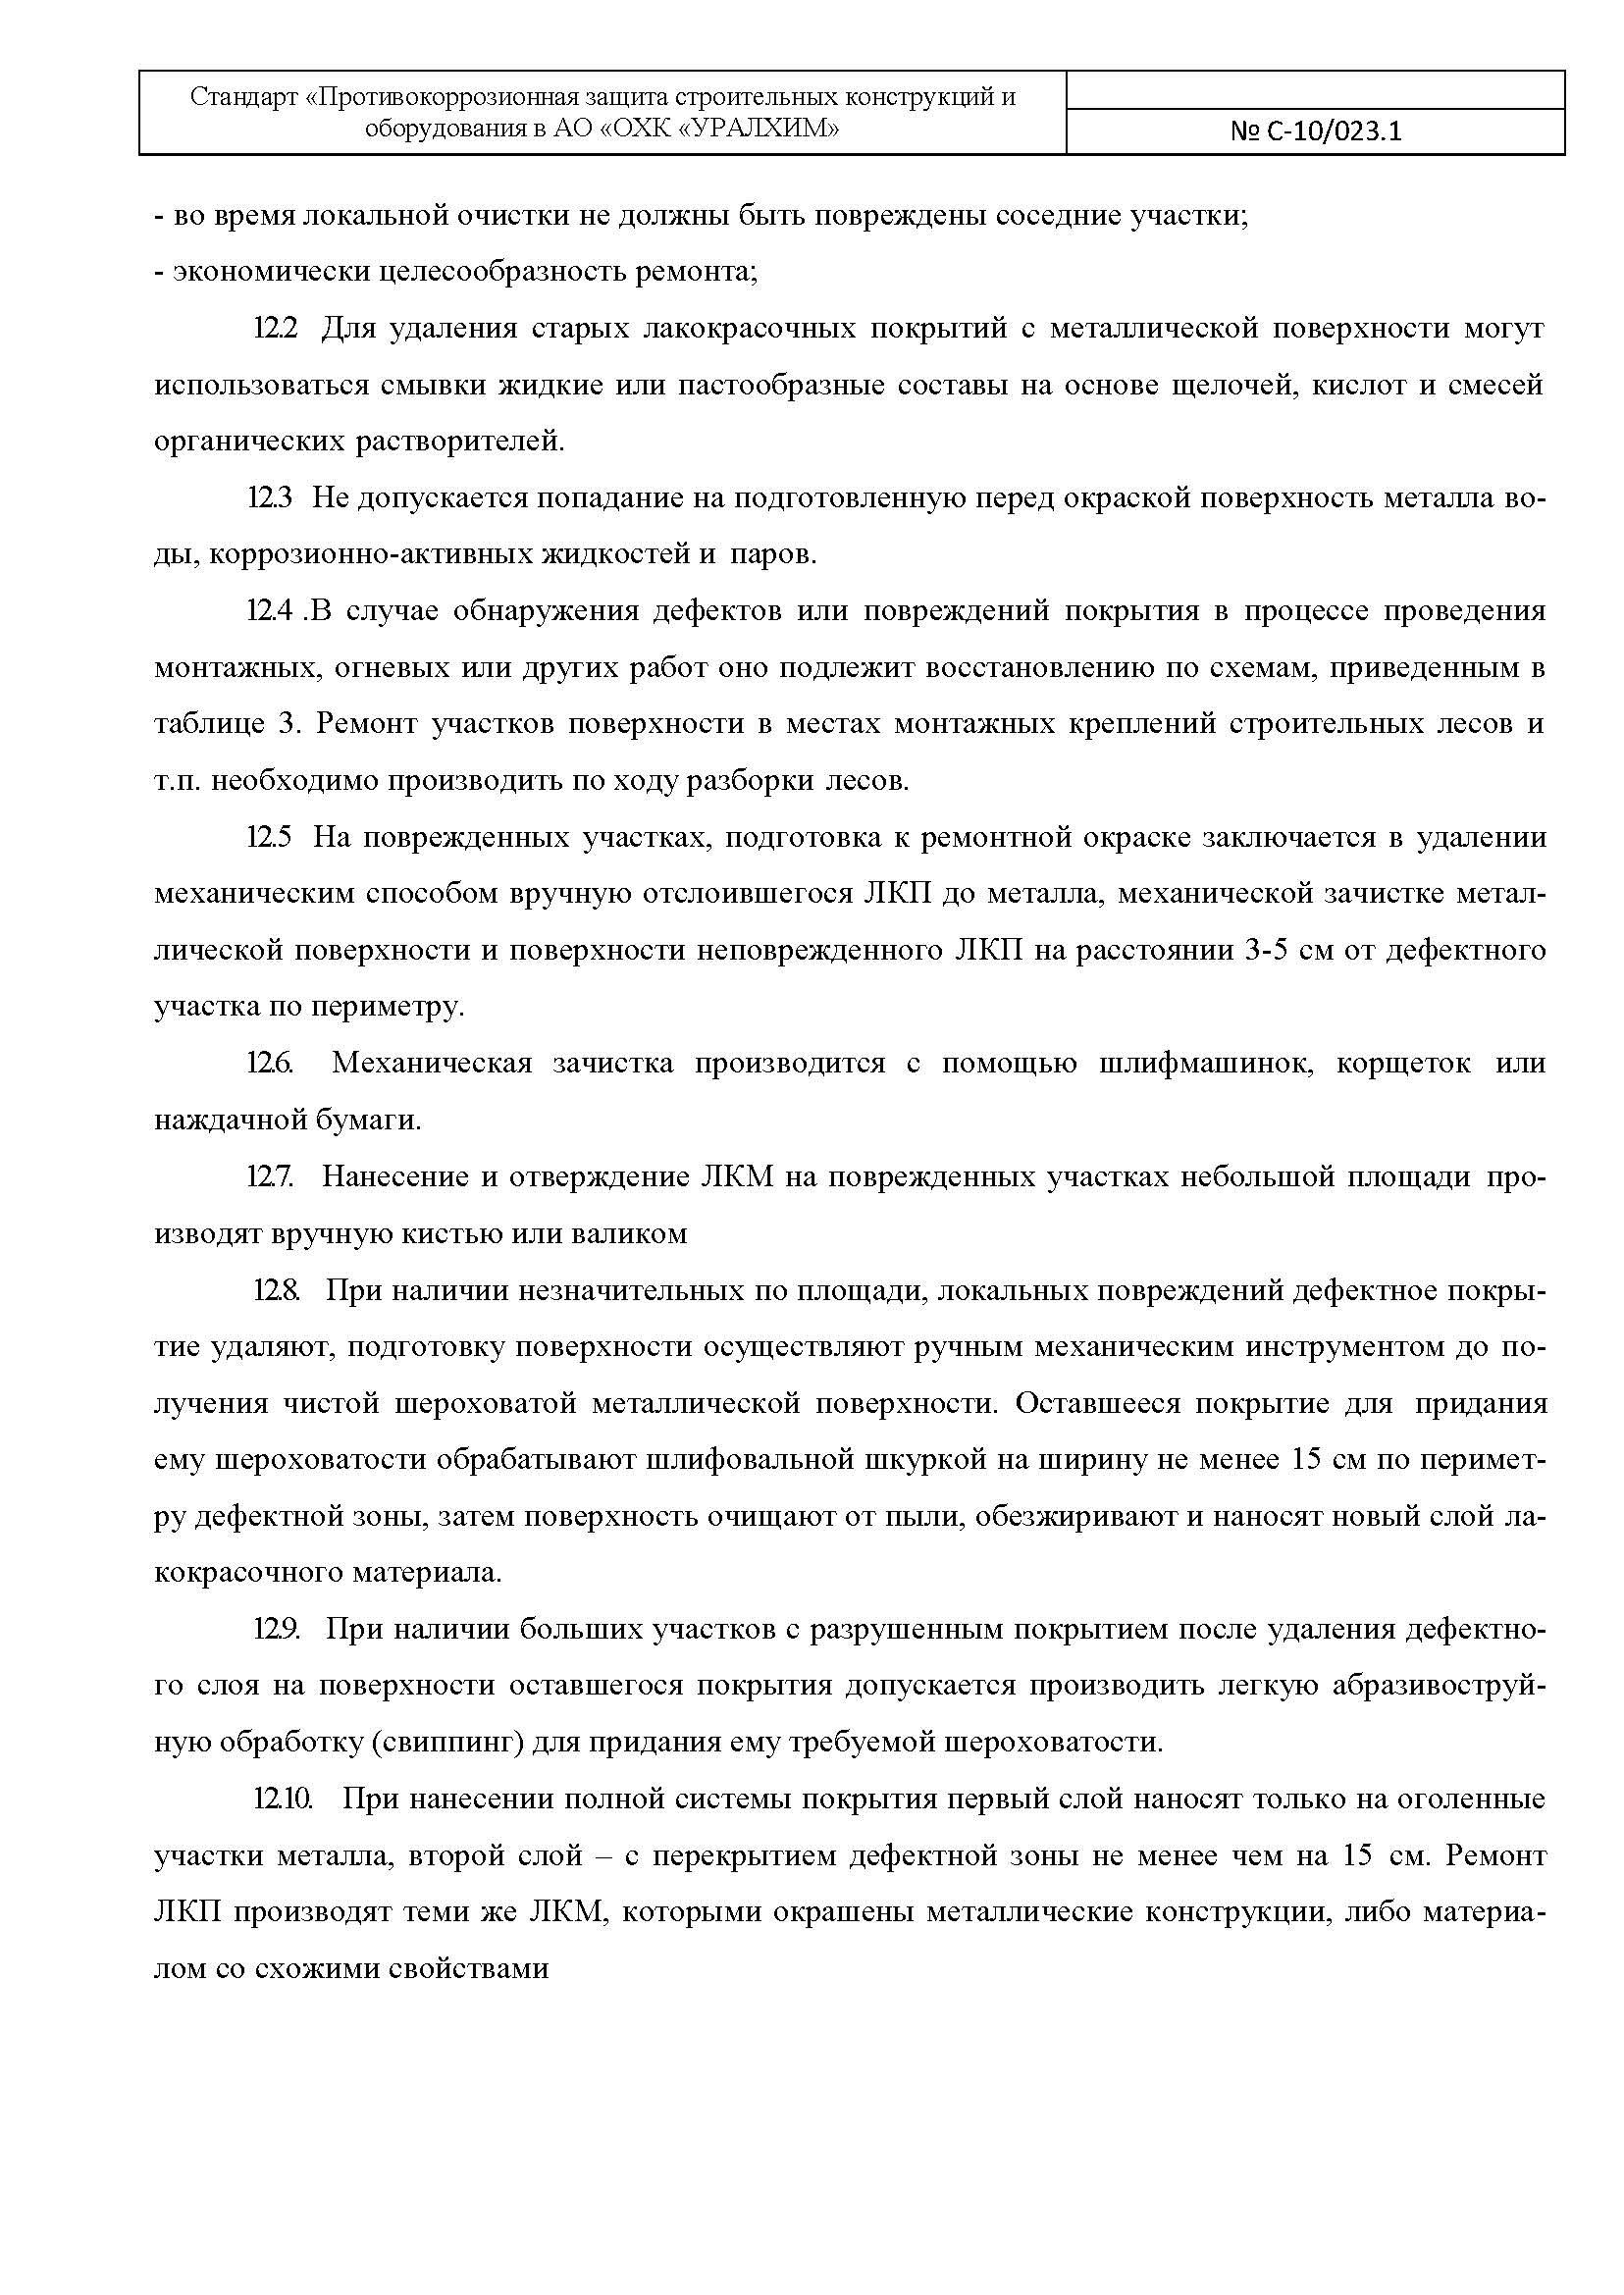 Выписка из Стандарта Противокоррозионная защита строительных конструкций и оборудования АО ОХК УРЛХИМ_Страница_21